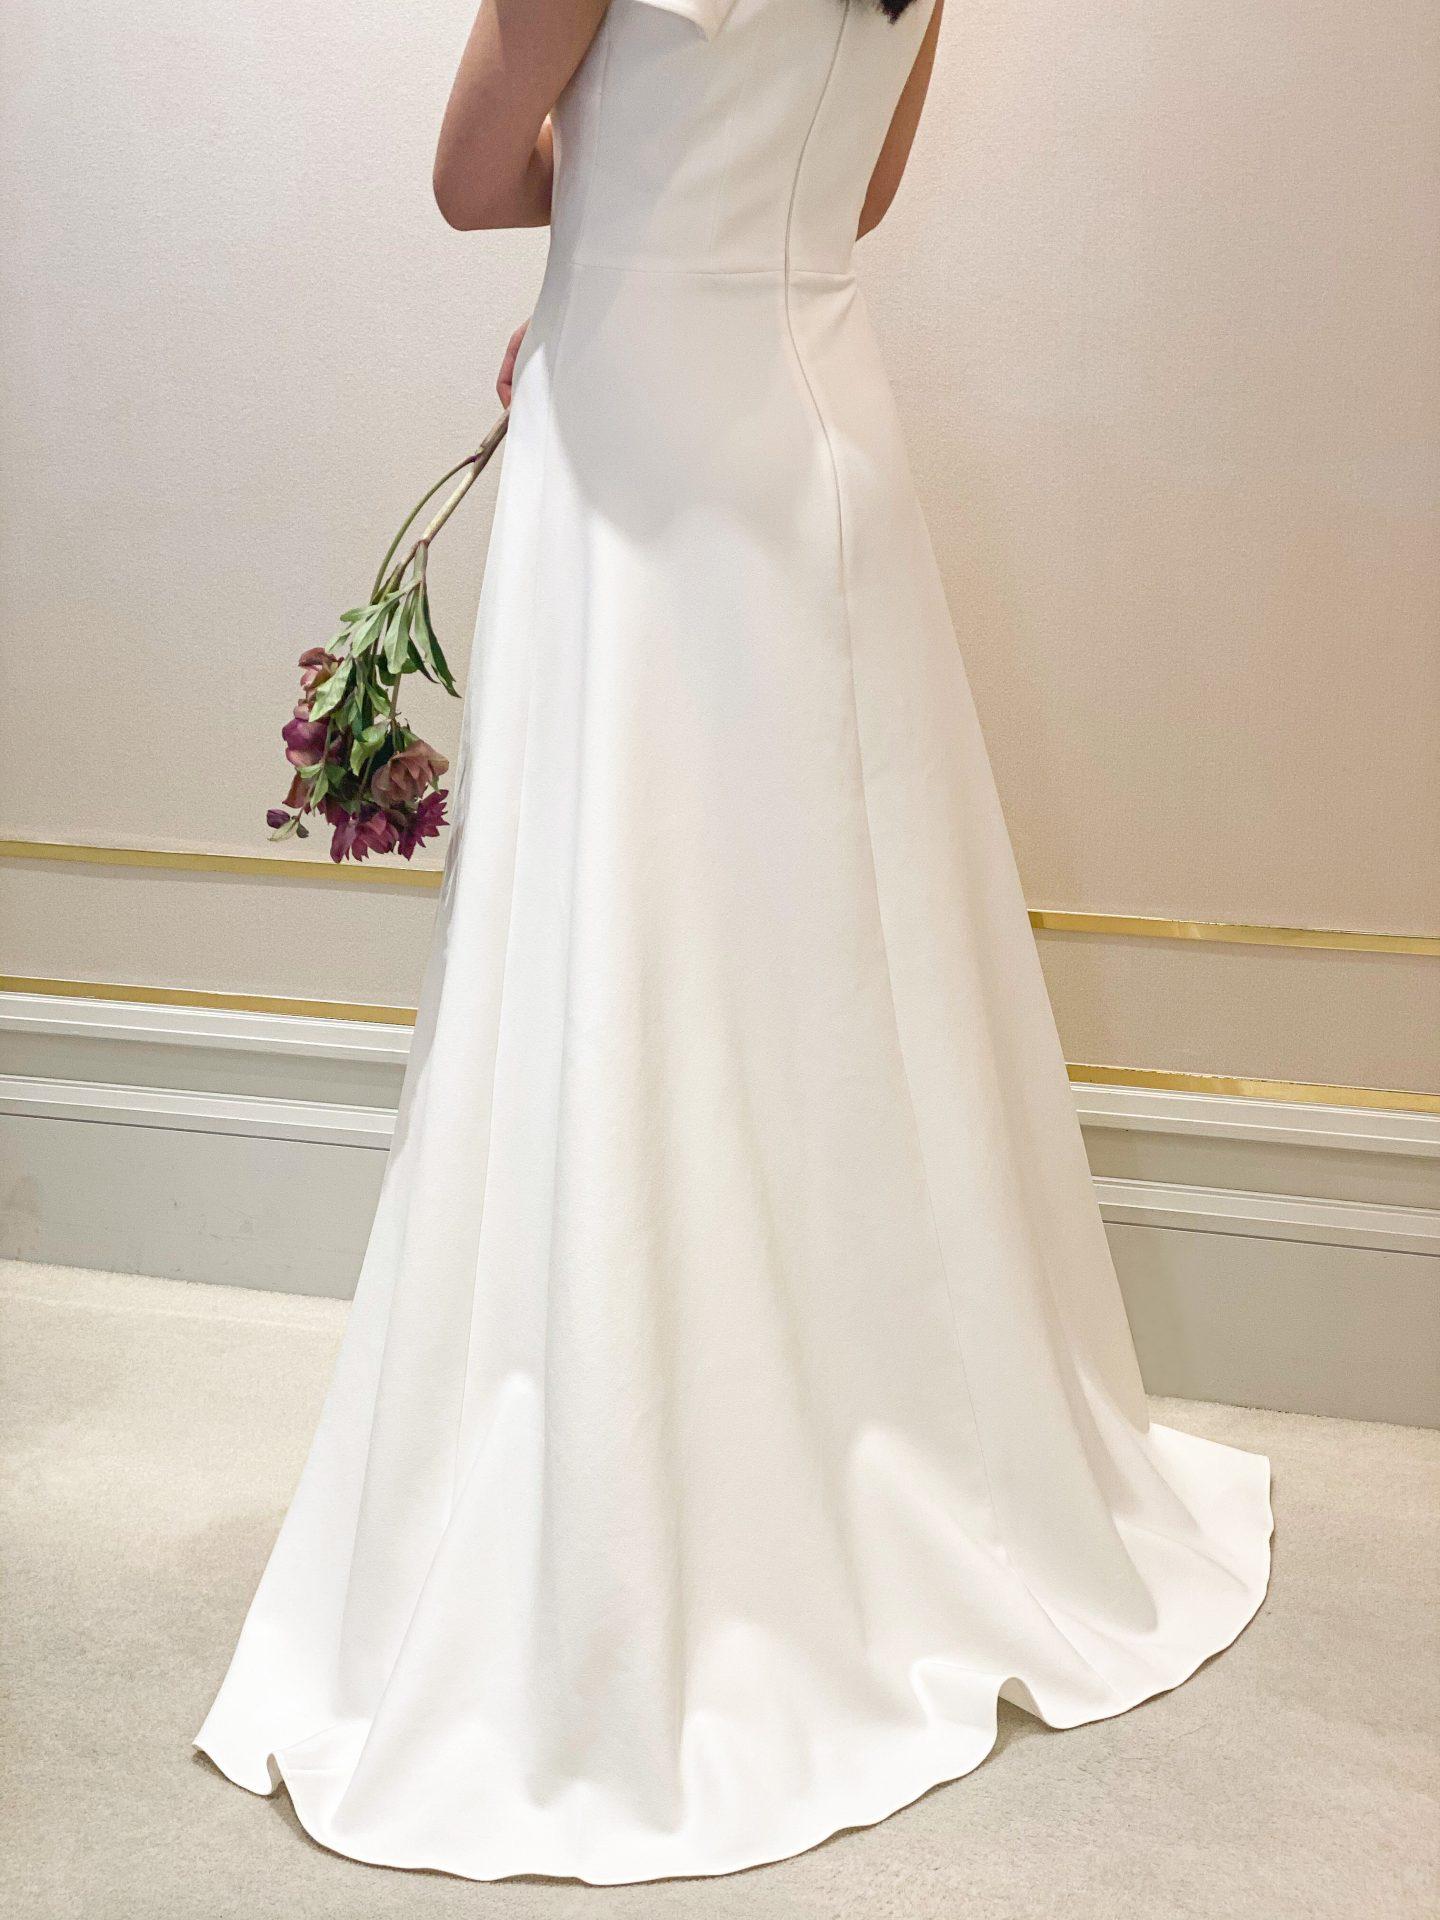 柔らかく滑らかなクレープ生地のウェディングドレスは美しいドレープを描き女性らしいシルエットを叶えてくれます